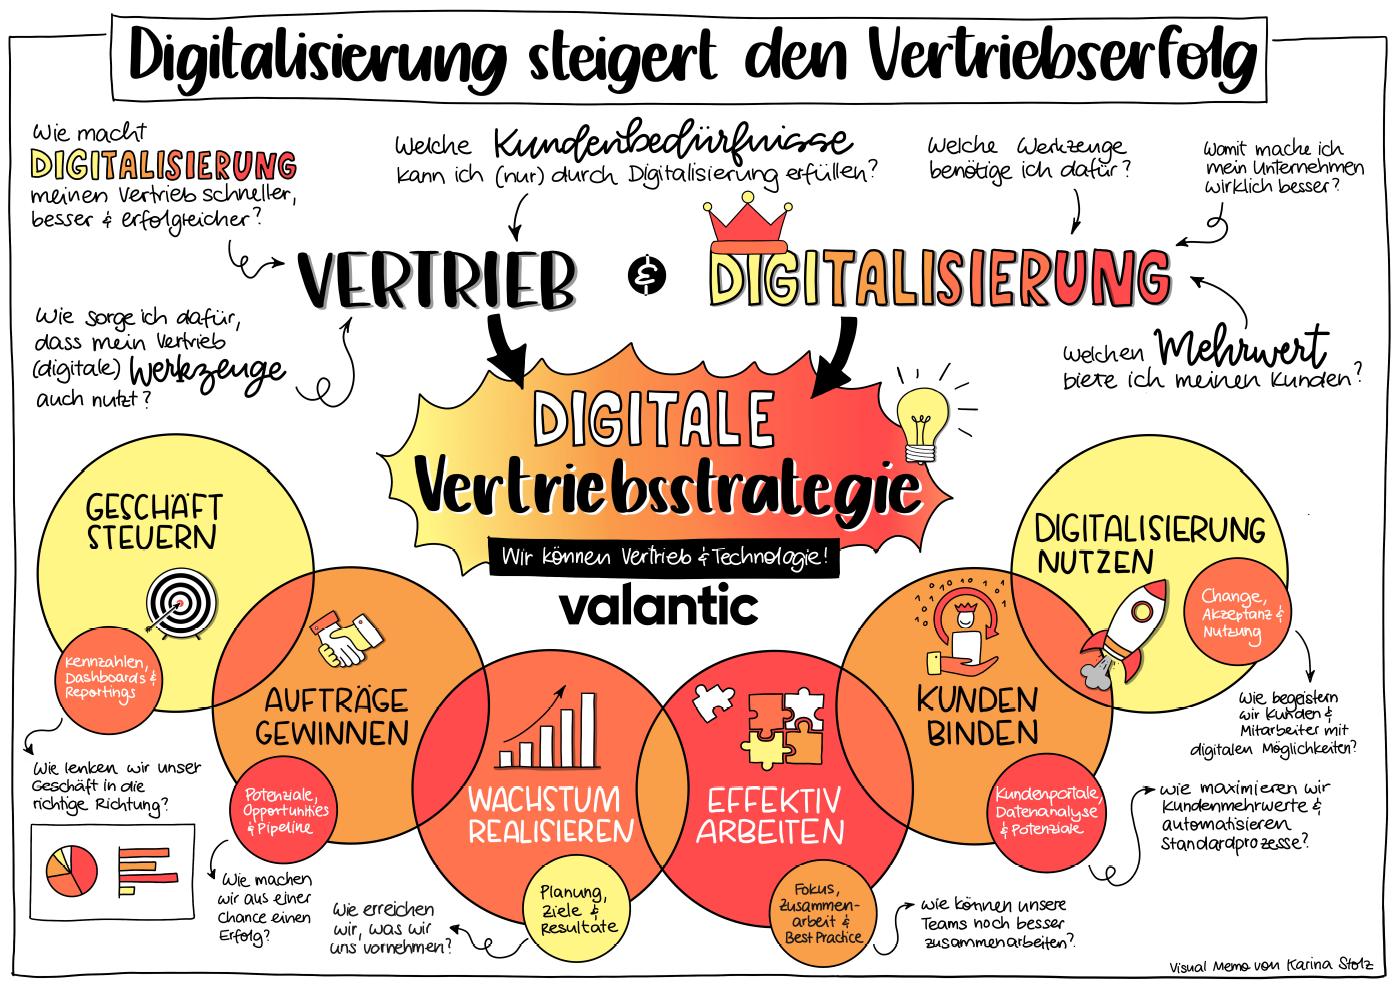 Poster zu Digitalen Vertriebsstrategien mit valantic